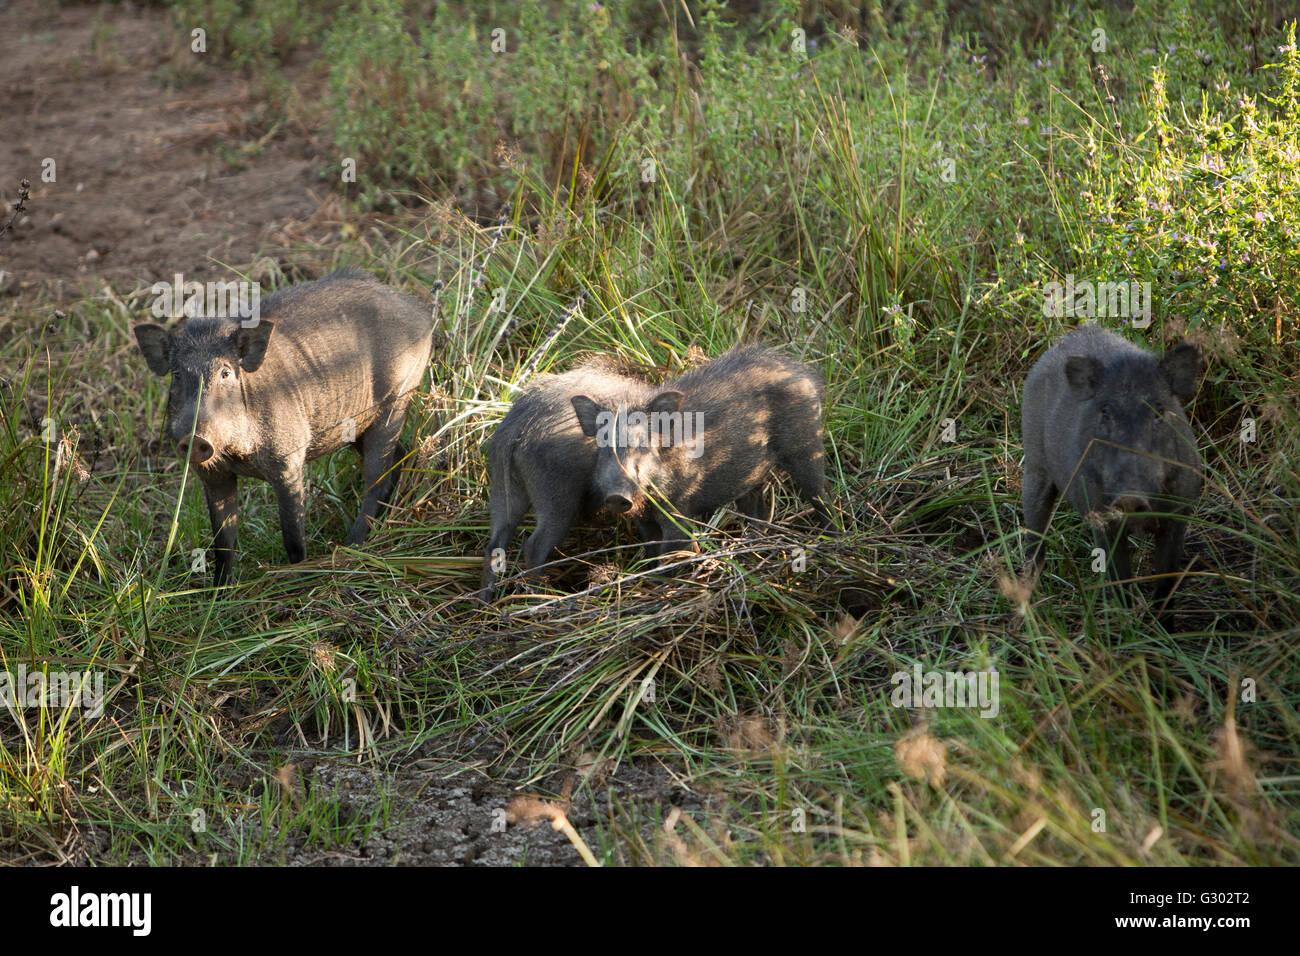 Sri Lanka, wildlife, Yala National Park, wild boar family in mud - Stock Image